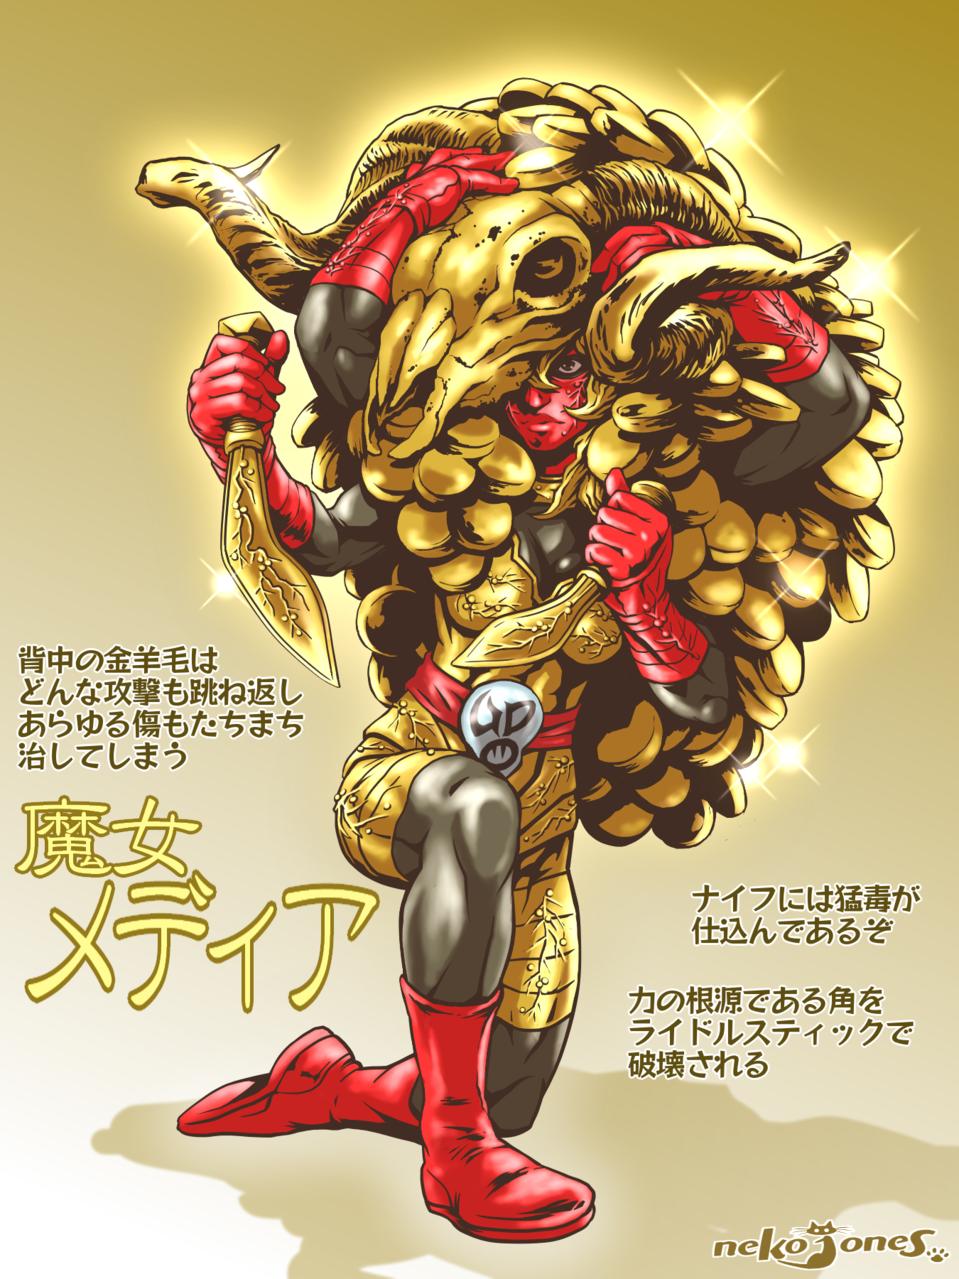 魔女メディア Illust of neko-jones ギリシャ神話 怪人 オリジナル怪人 KamenRider